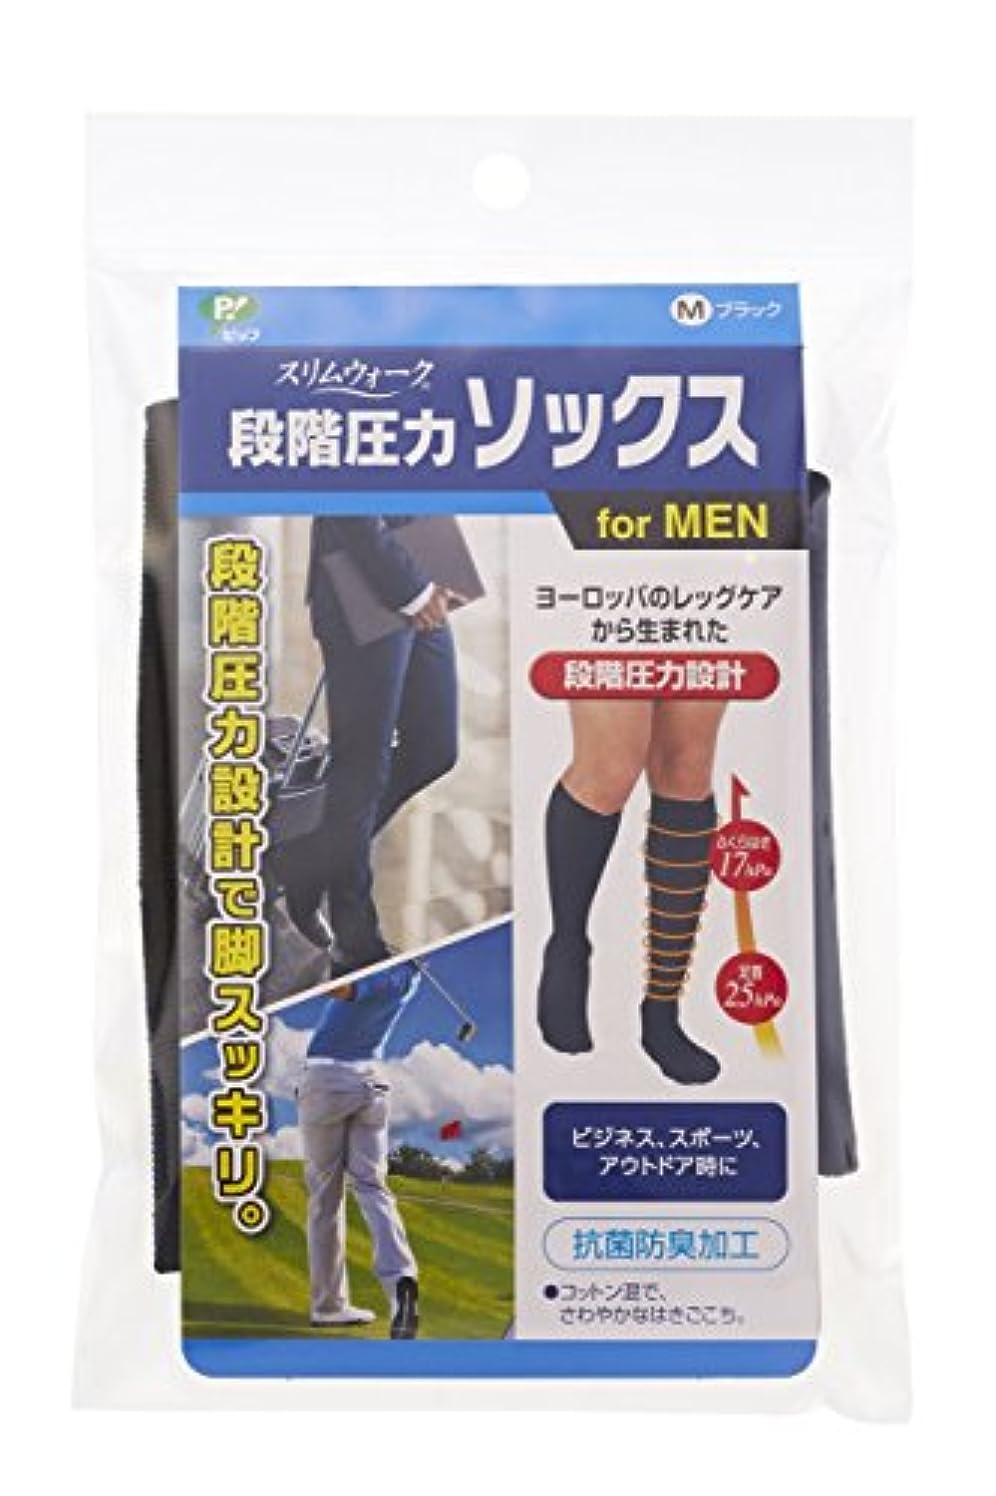 ガジュマル山積みのシードピップ スリムウォーク 段階圧力 ソックス ブラック M(SLIM WALK,socks for men,M) 着圧 ソックス